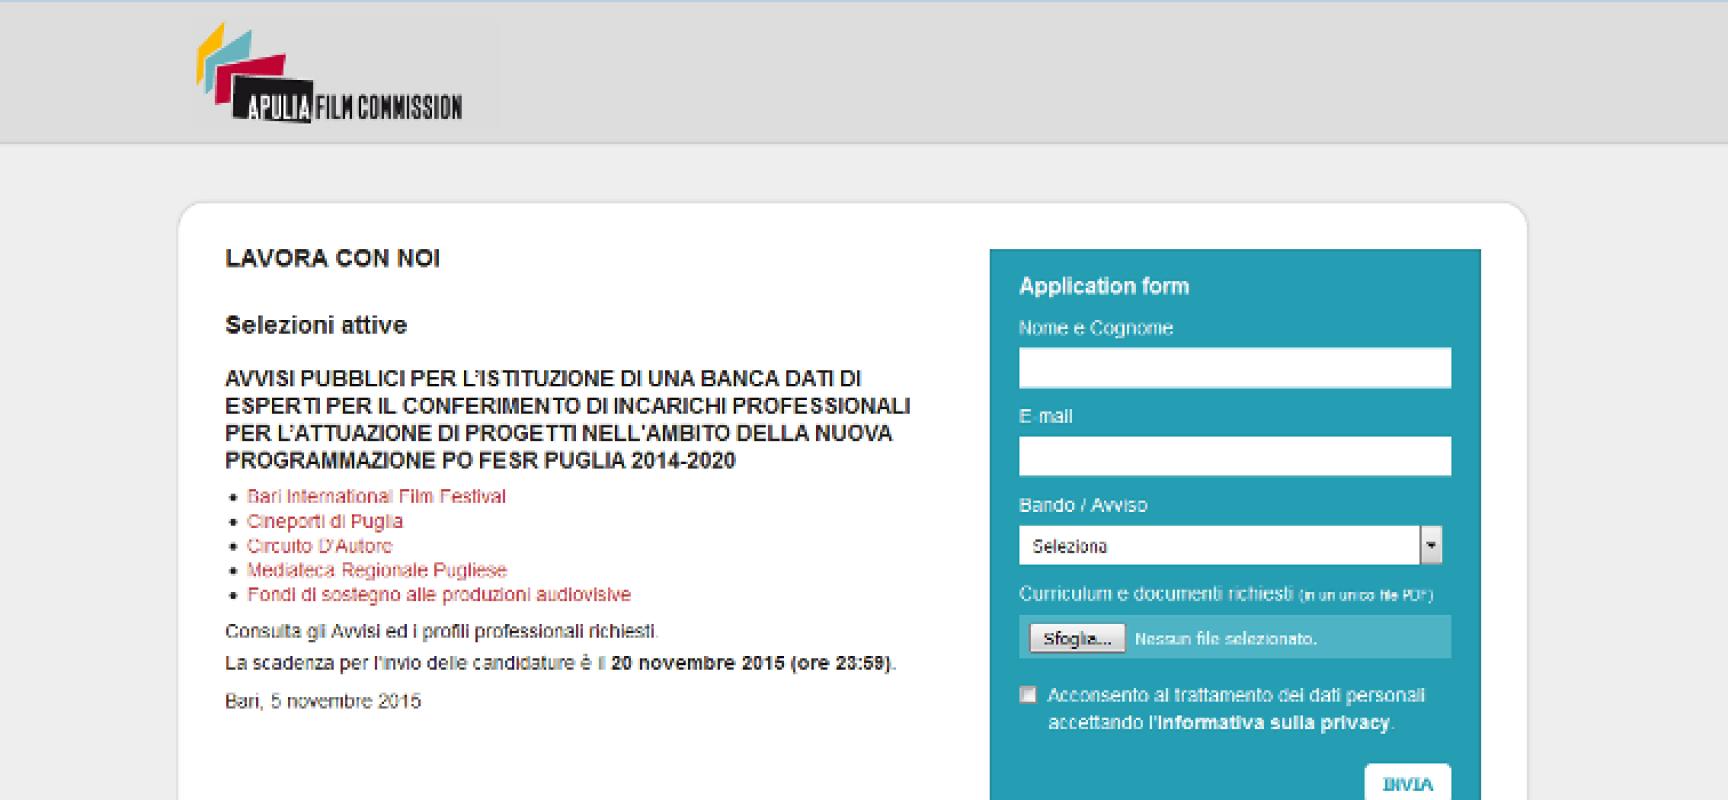 Opportunità di lavoro: Apulia Film Commission cerca addetti alla produzione, assistenti e uffici stampa